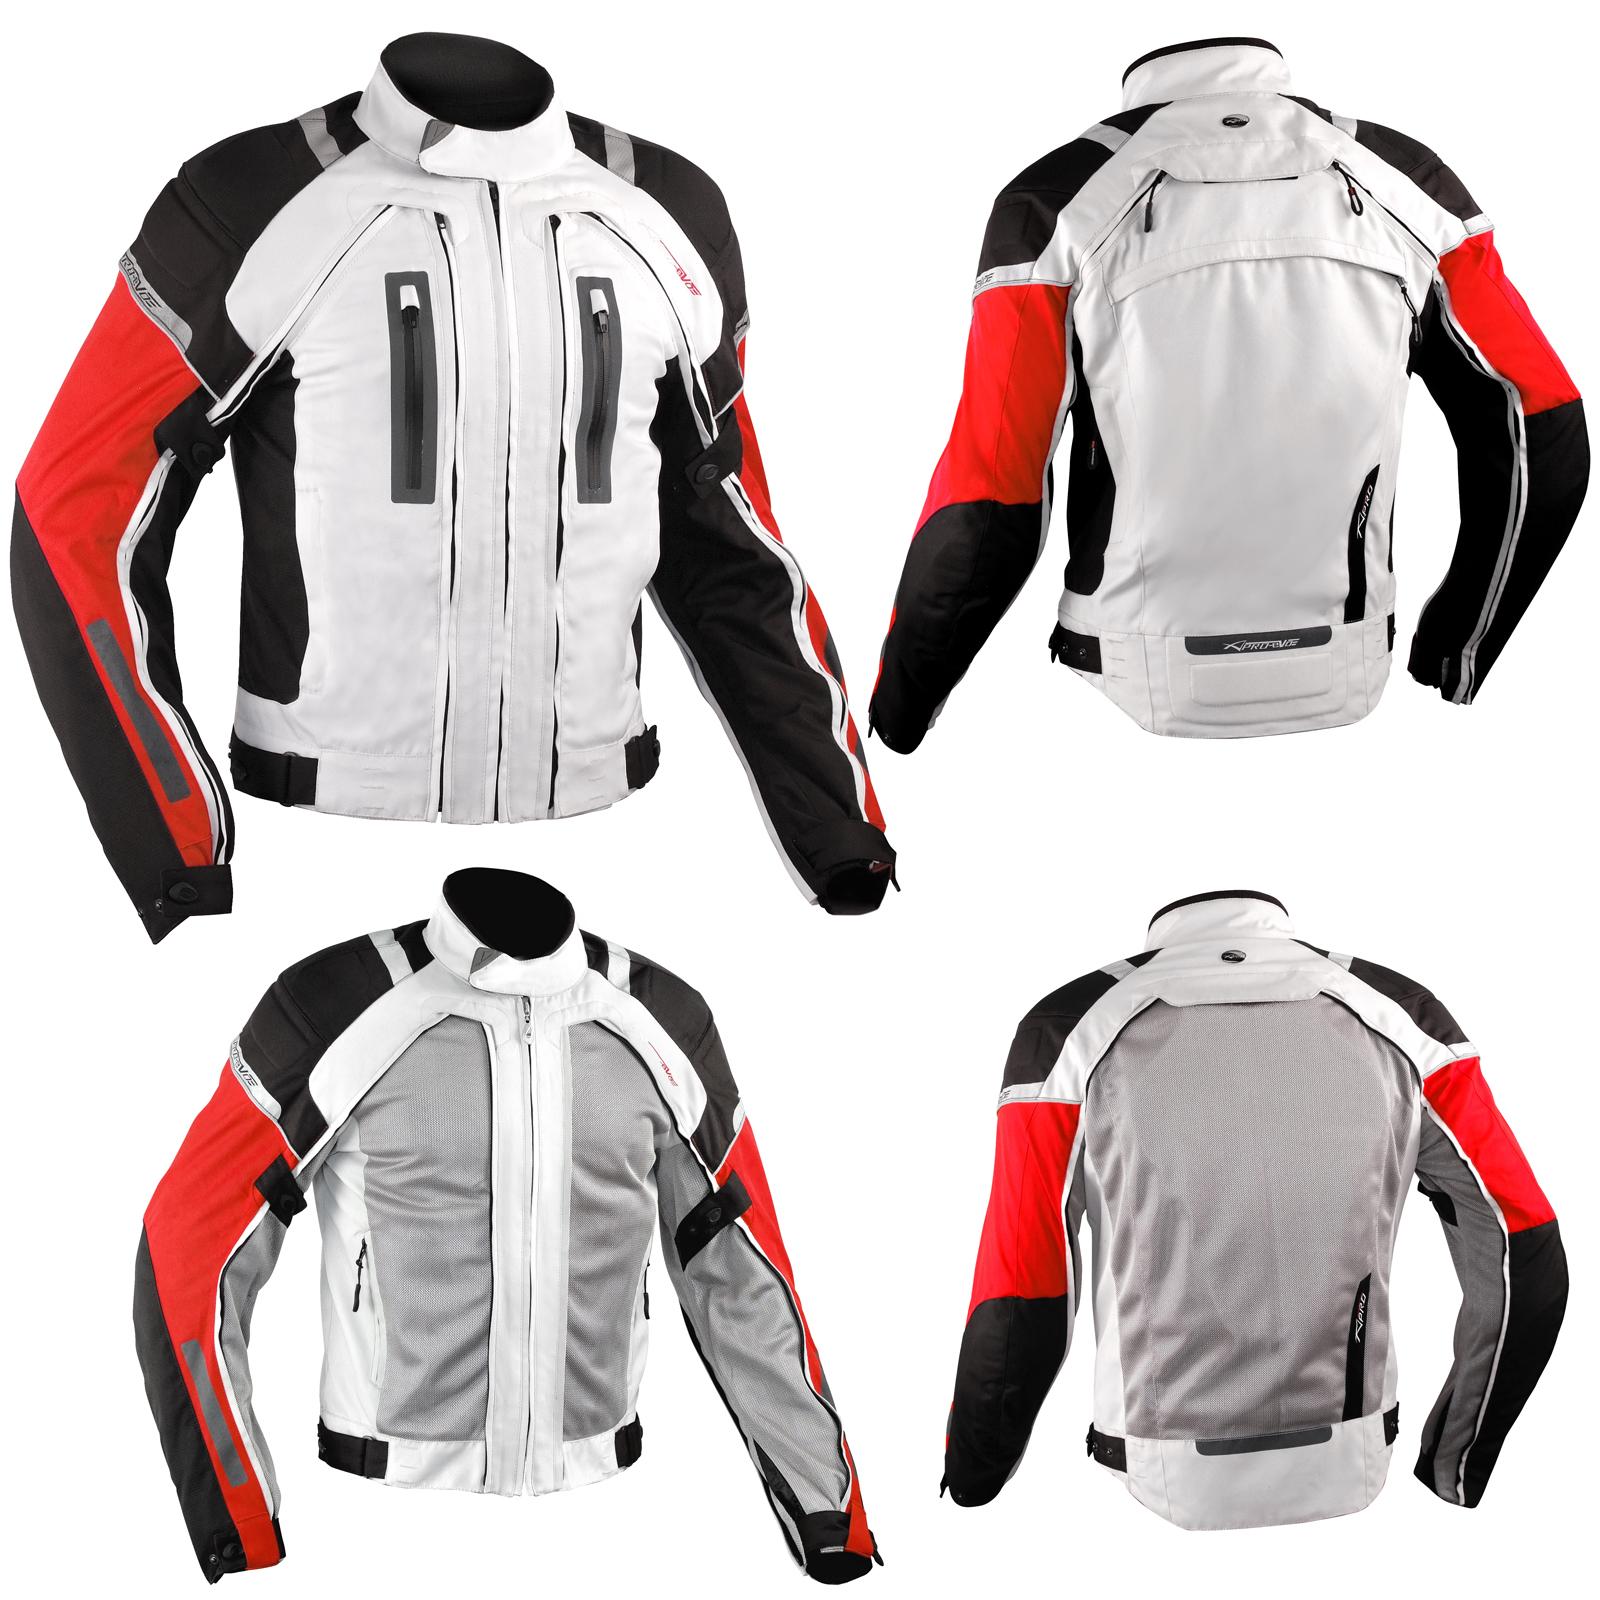 Chaqueta-de-la-Moto-de-Cordura-malla-protectores-impermeable-4-capas-Blanco-Rojo